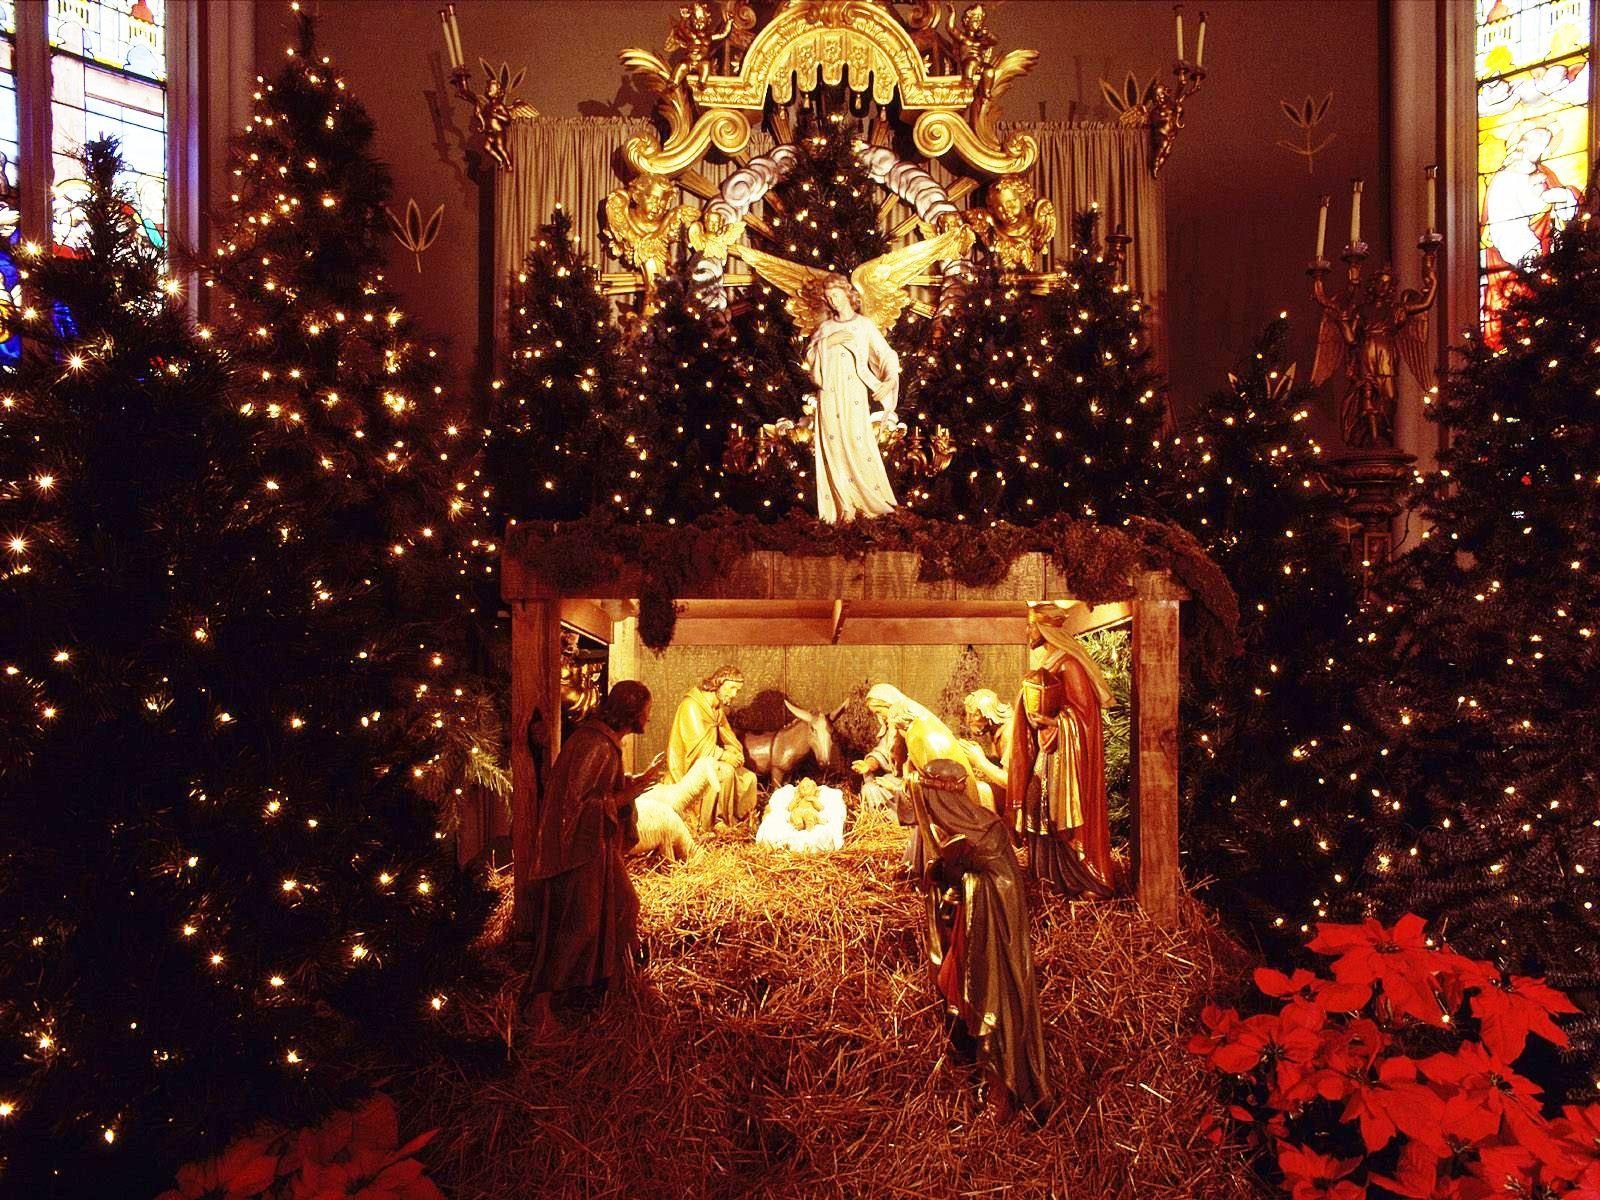 картинка с рождеством католическим смешная долгое